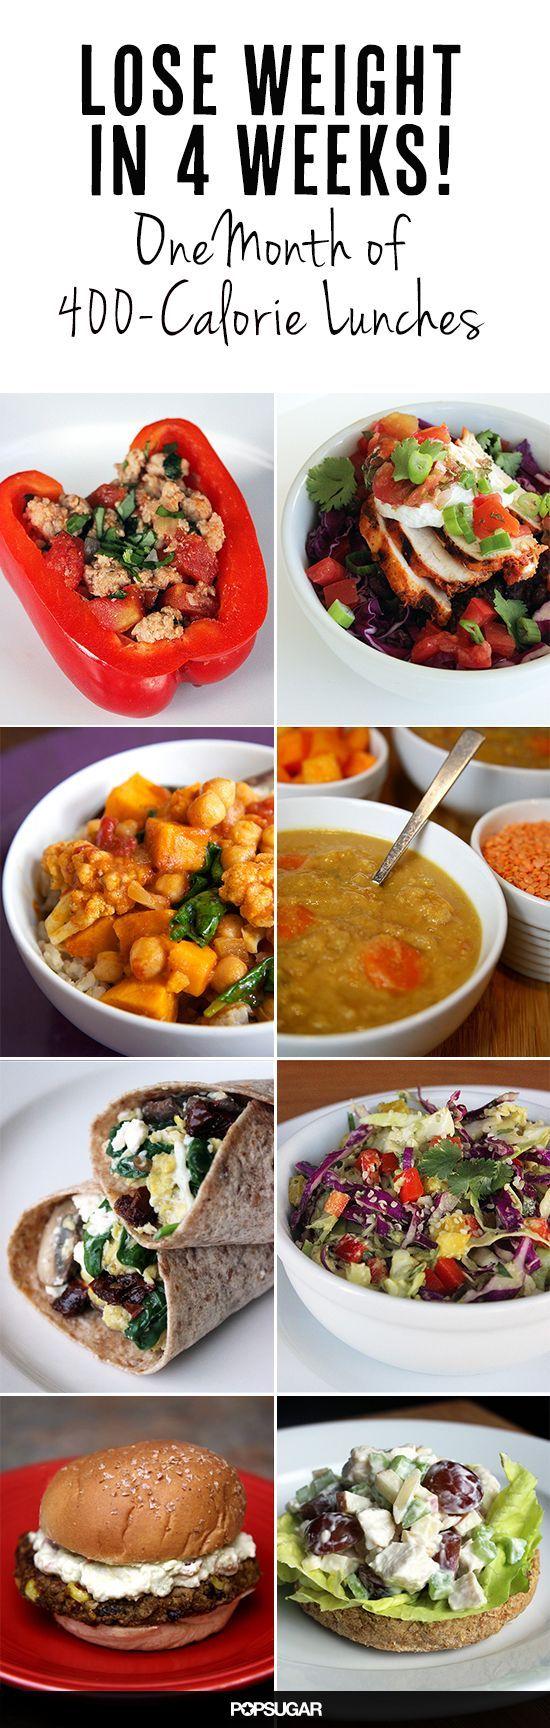 Recuso acreditar que esses pratos tenham 400 calorias cada! Para quem quer ser saudável mas depois da primeira quinzena desiste porque só sabe fazer frango grelhado com salada. Fonte: POPSUGAR Fitness